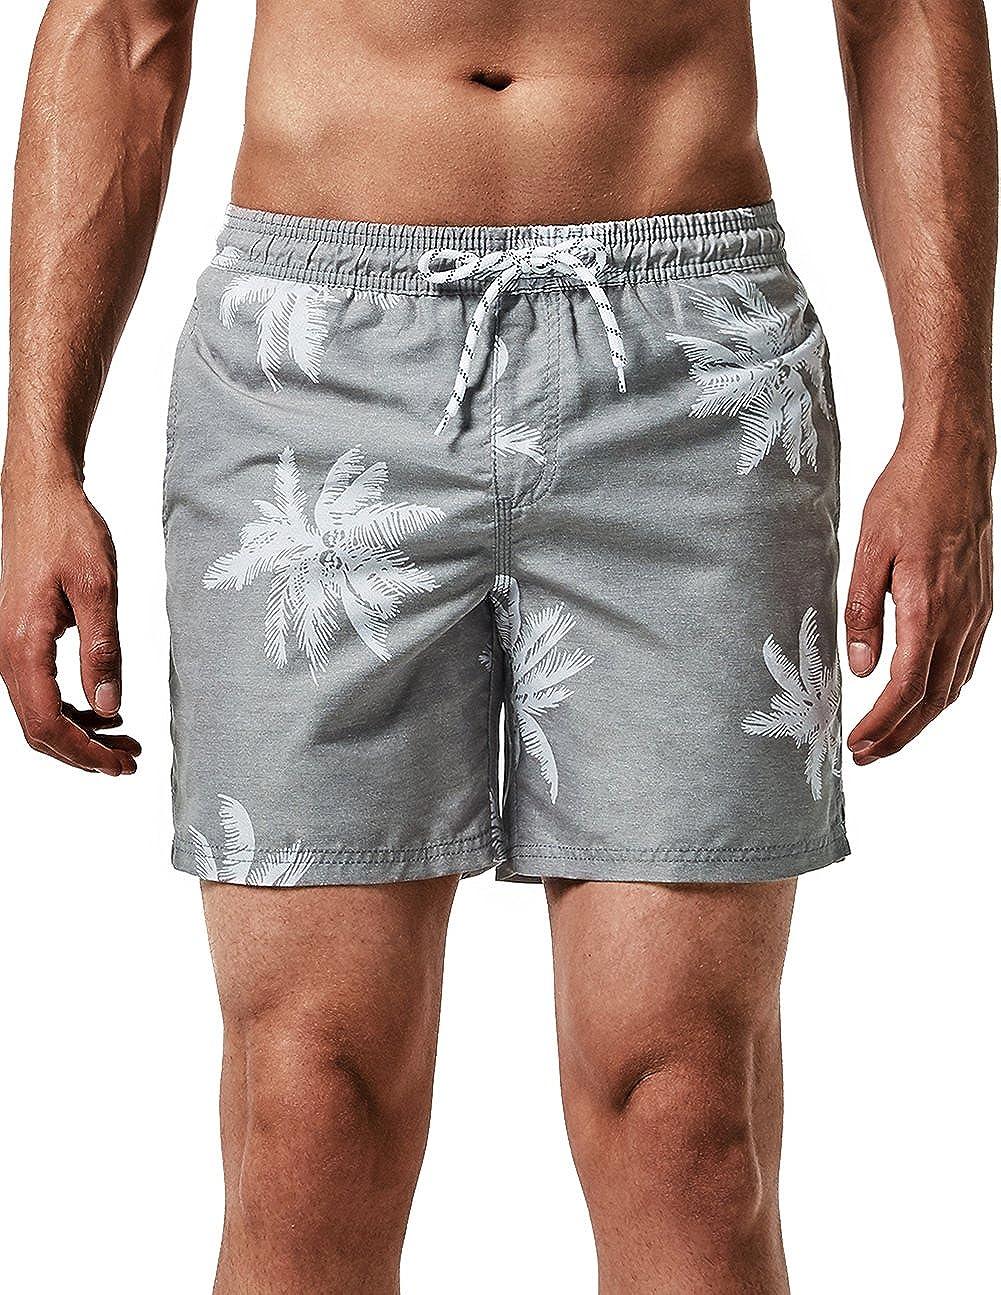 MaaMgic Ba/ñador Hombre de Nataci/ón Secado R/ápido Interior de Malla Pantalones Imprimiendo Cortos